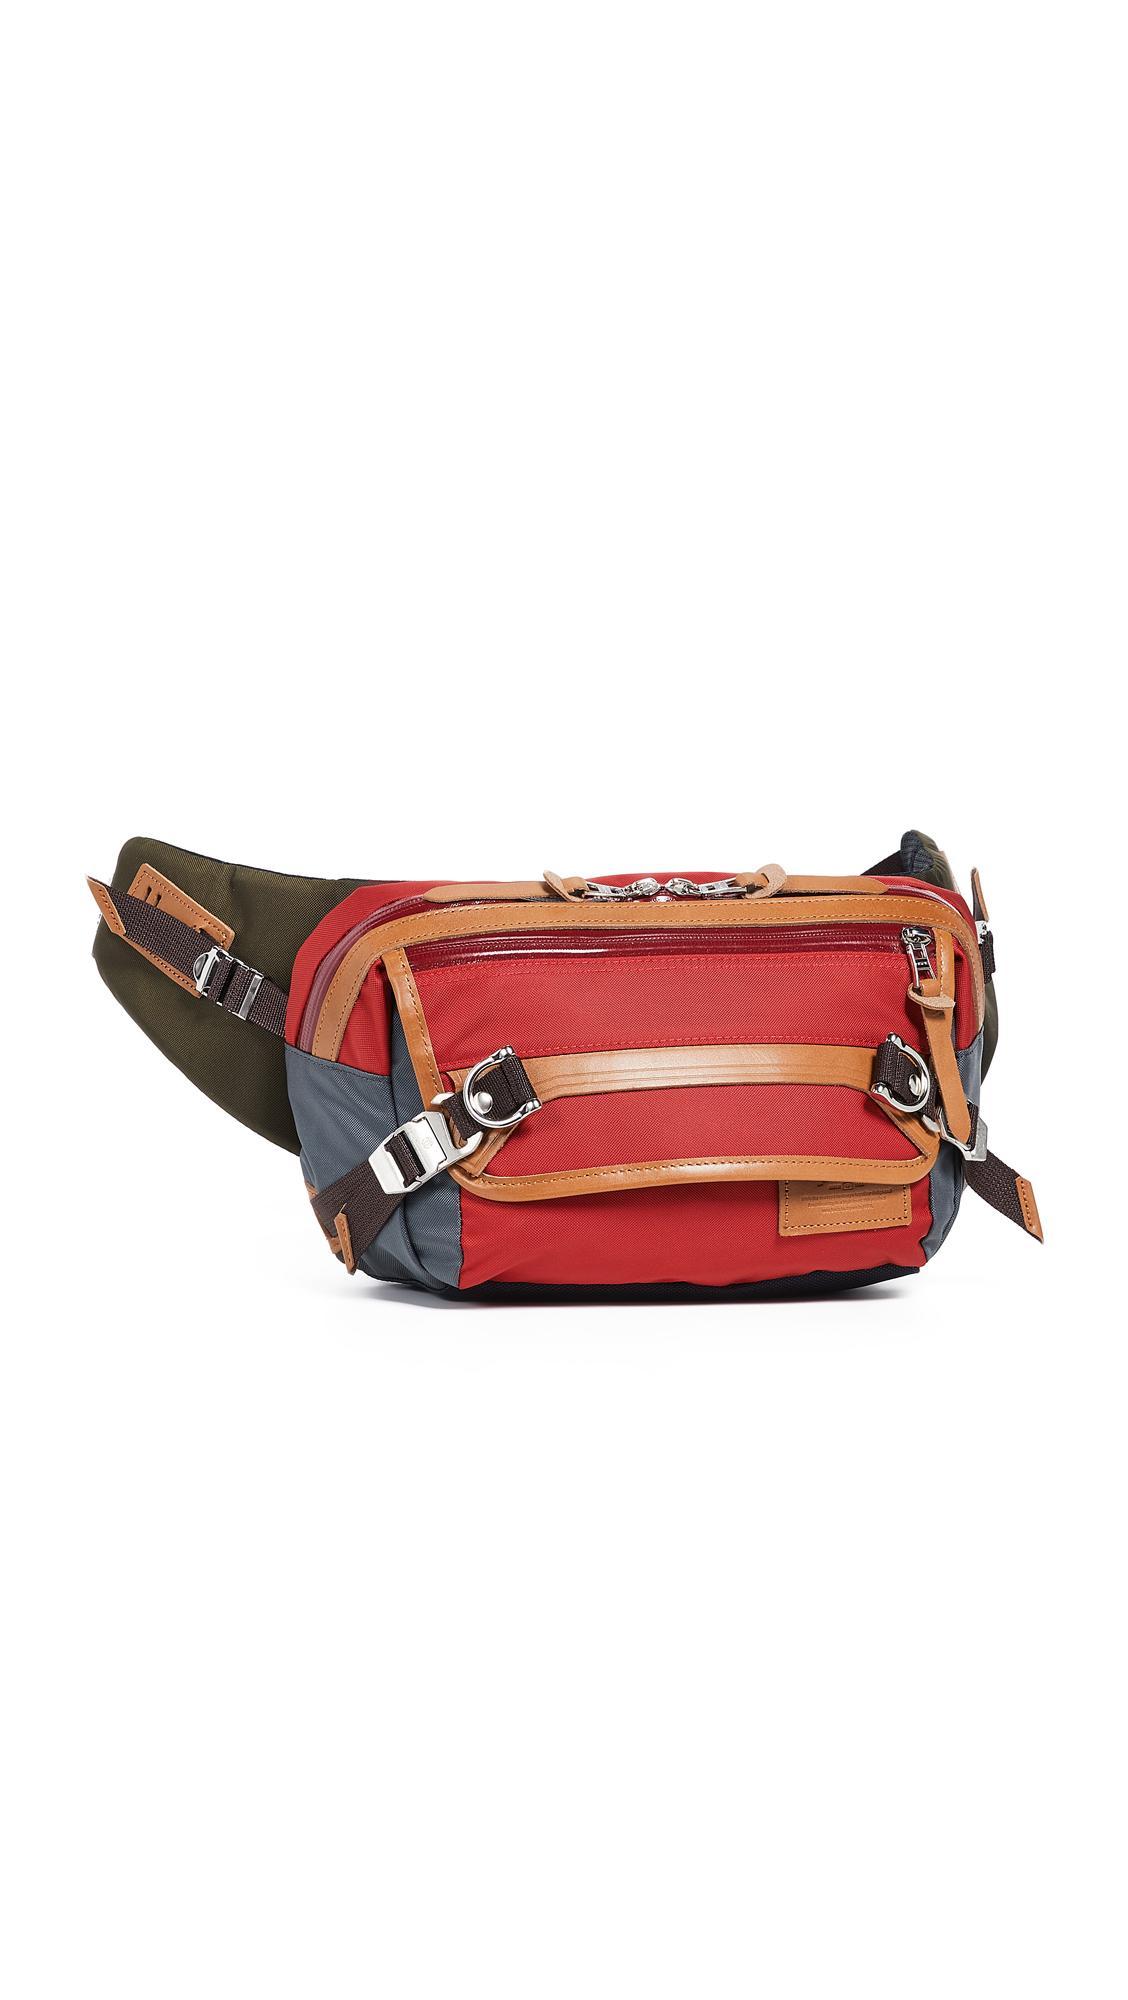 Master Piece Potential V2 Shoulder Bag in Red for Men - Lyst a8aa7289952ec